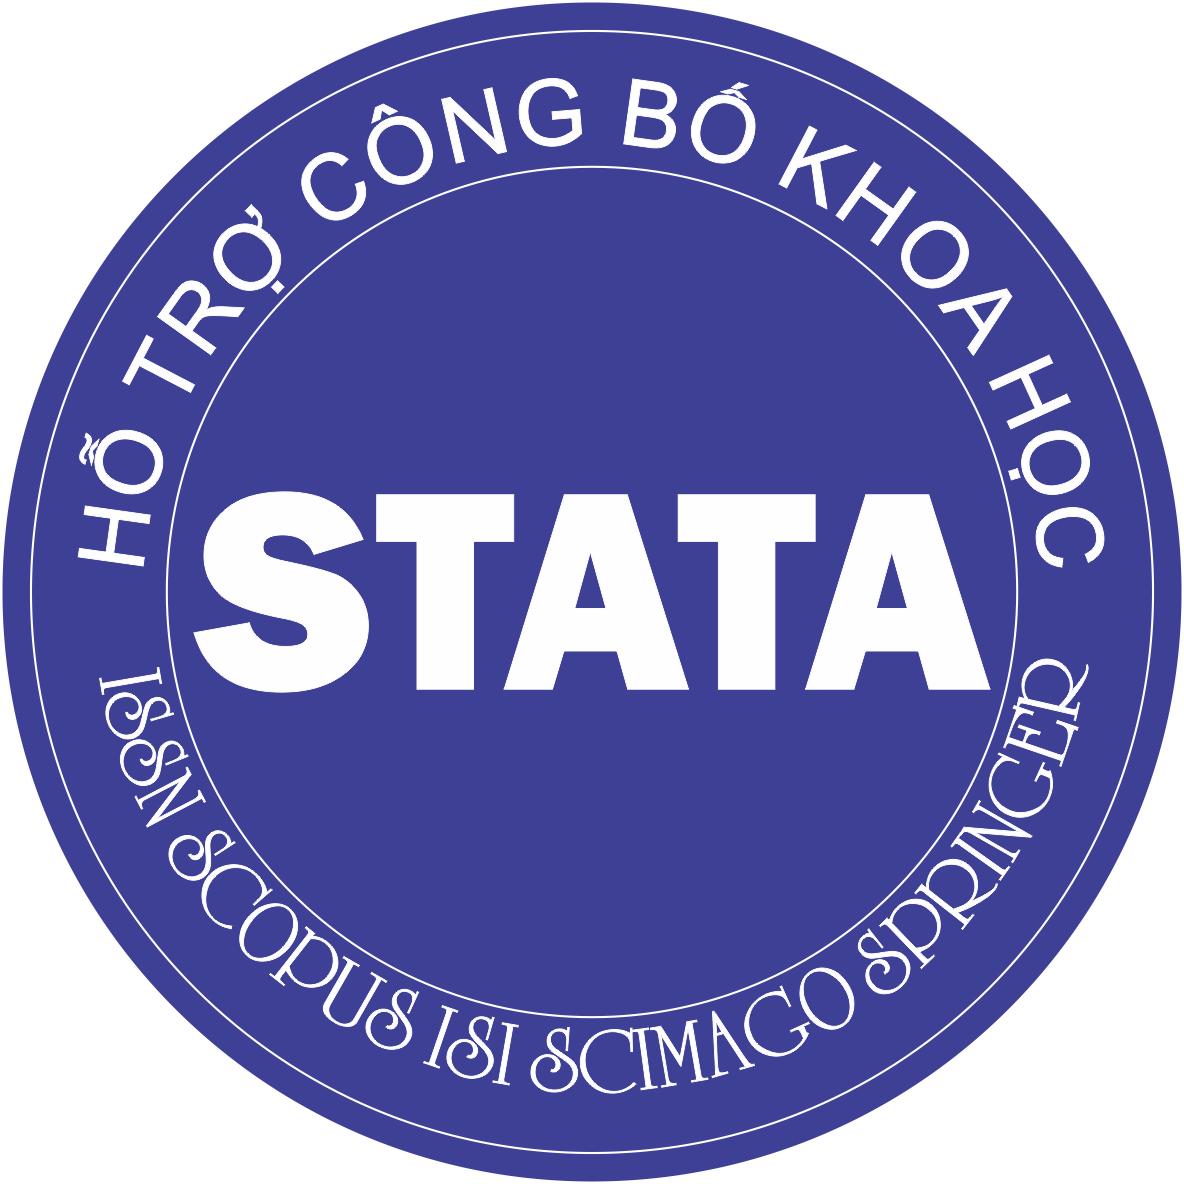 STATA1 - 10 Mẹo đăng bài báo khoa học - Mách bạn